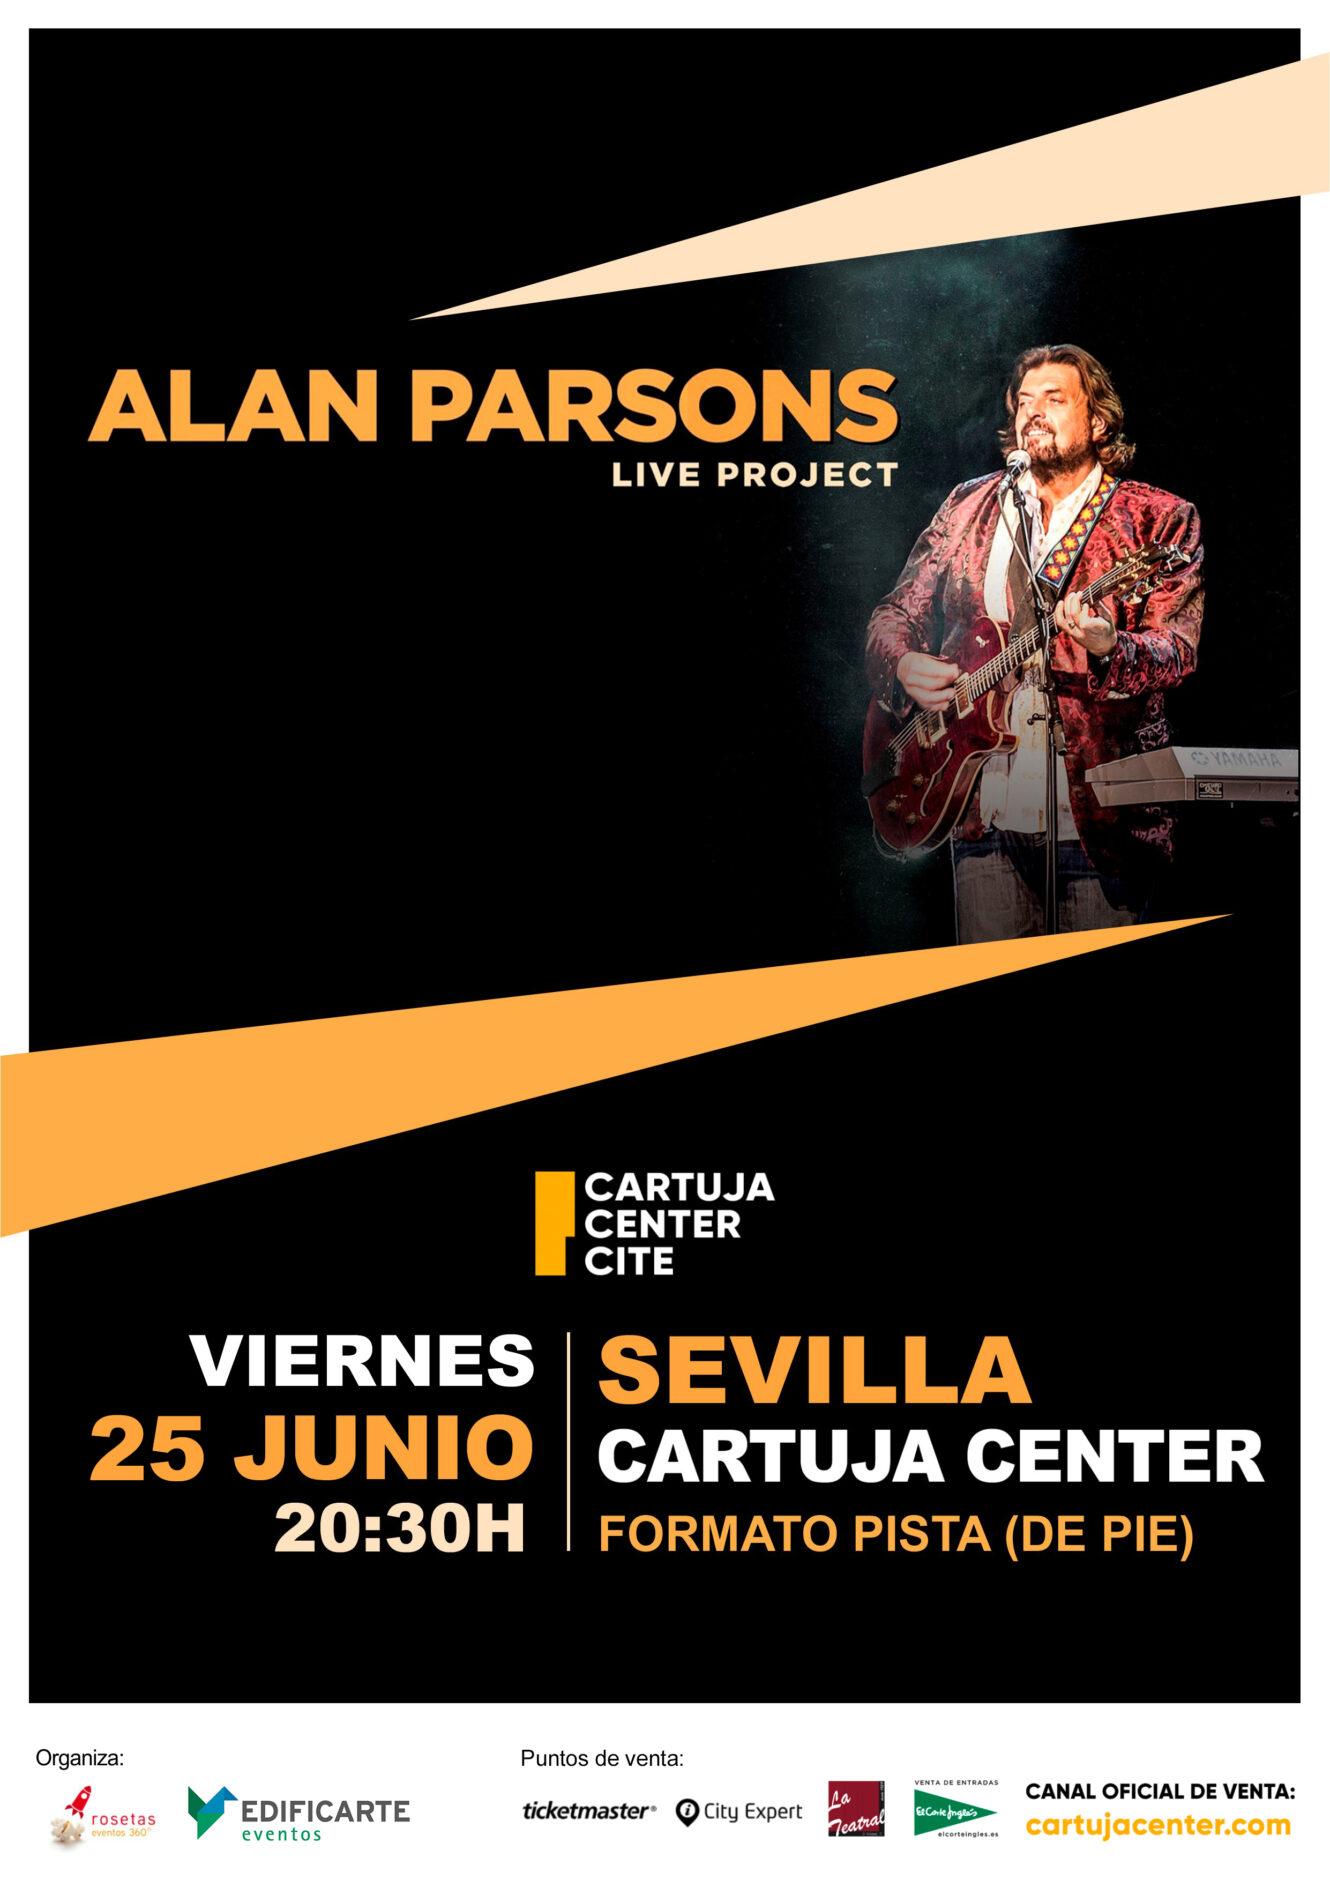 Comunicado Oficial aplazamiento concierto Alan Parsons 1